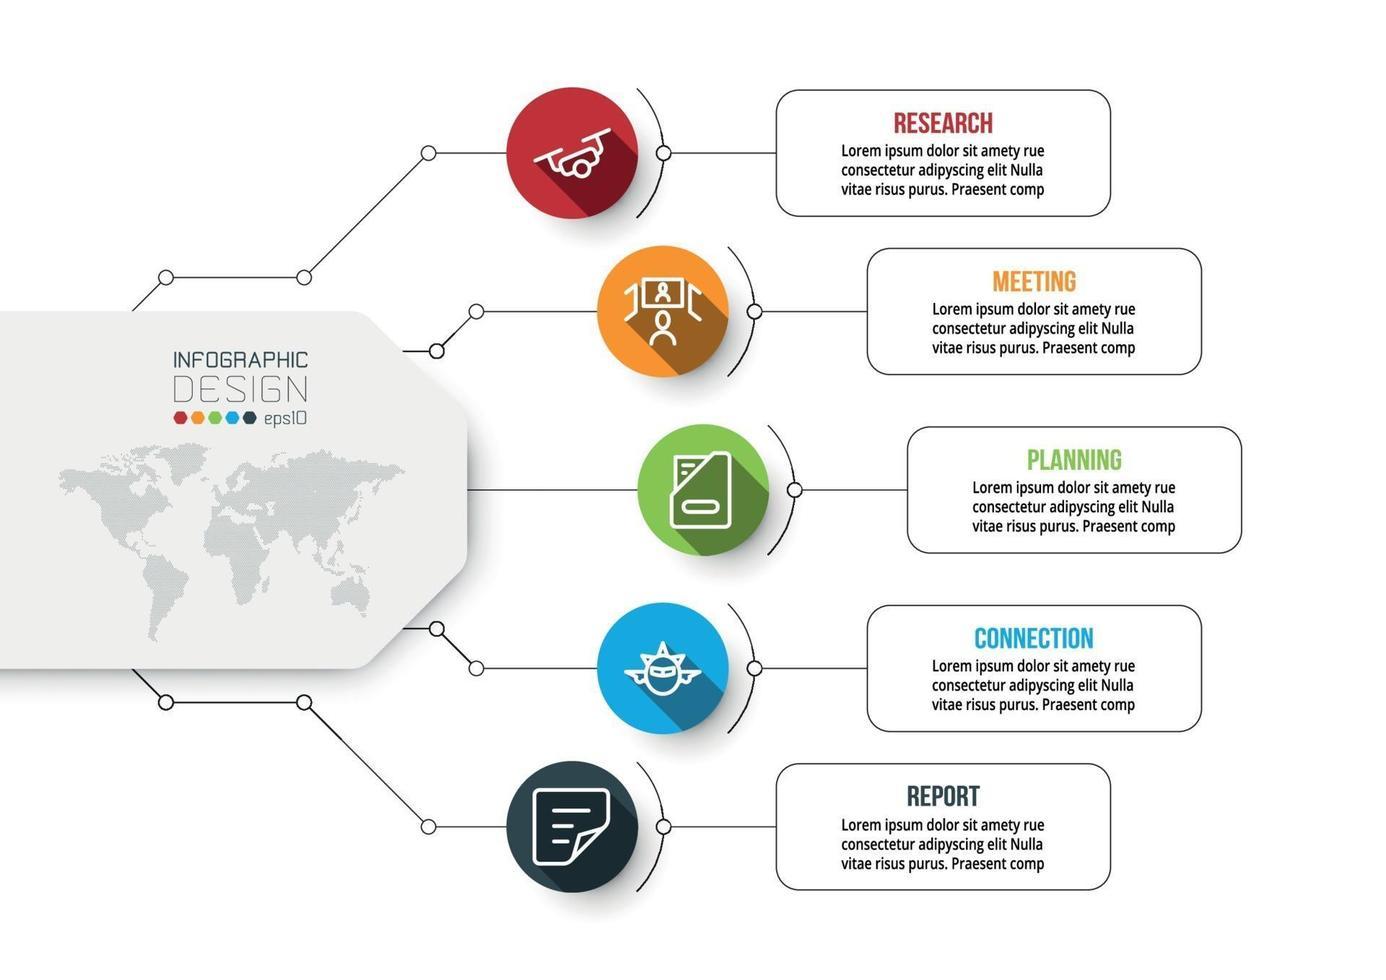 plataforma de negocios planificación de procesos de trabajo realización de medios publicitarios, marketing, presentación de trabajos diversos. diseño de infografía vectorial. vector